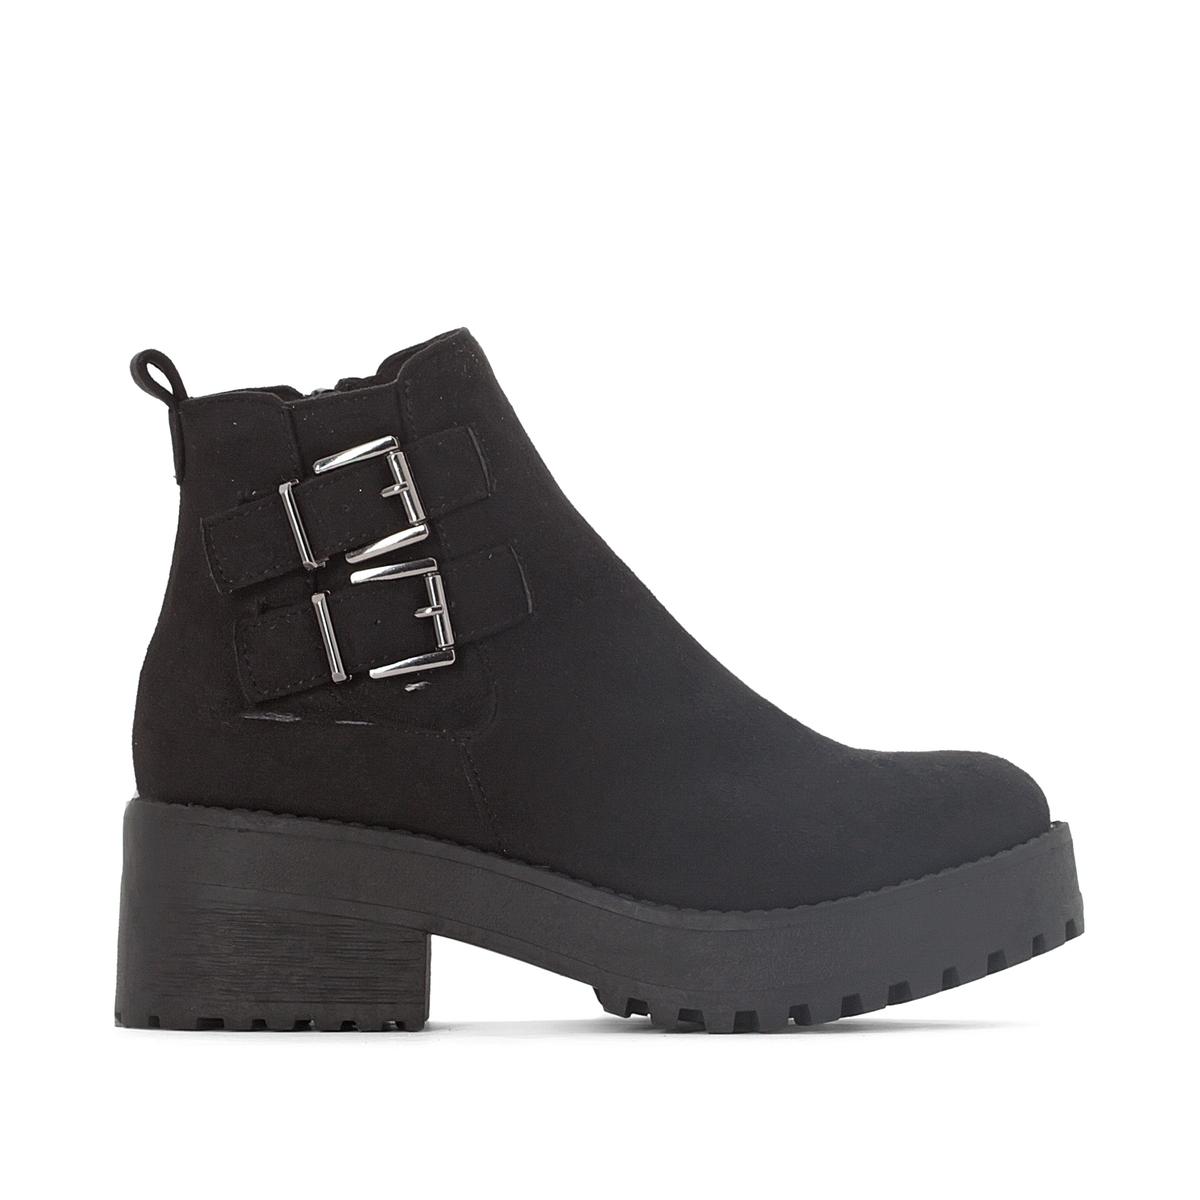 Image of Boots Bashita